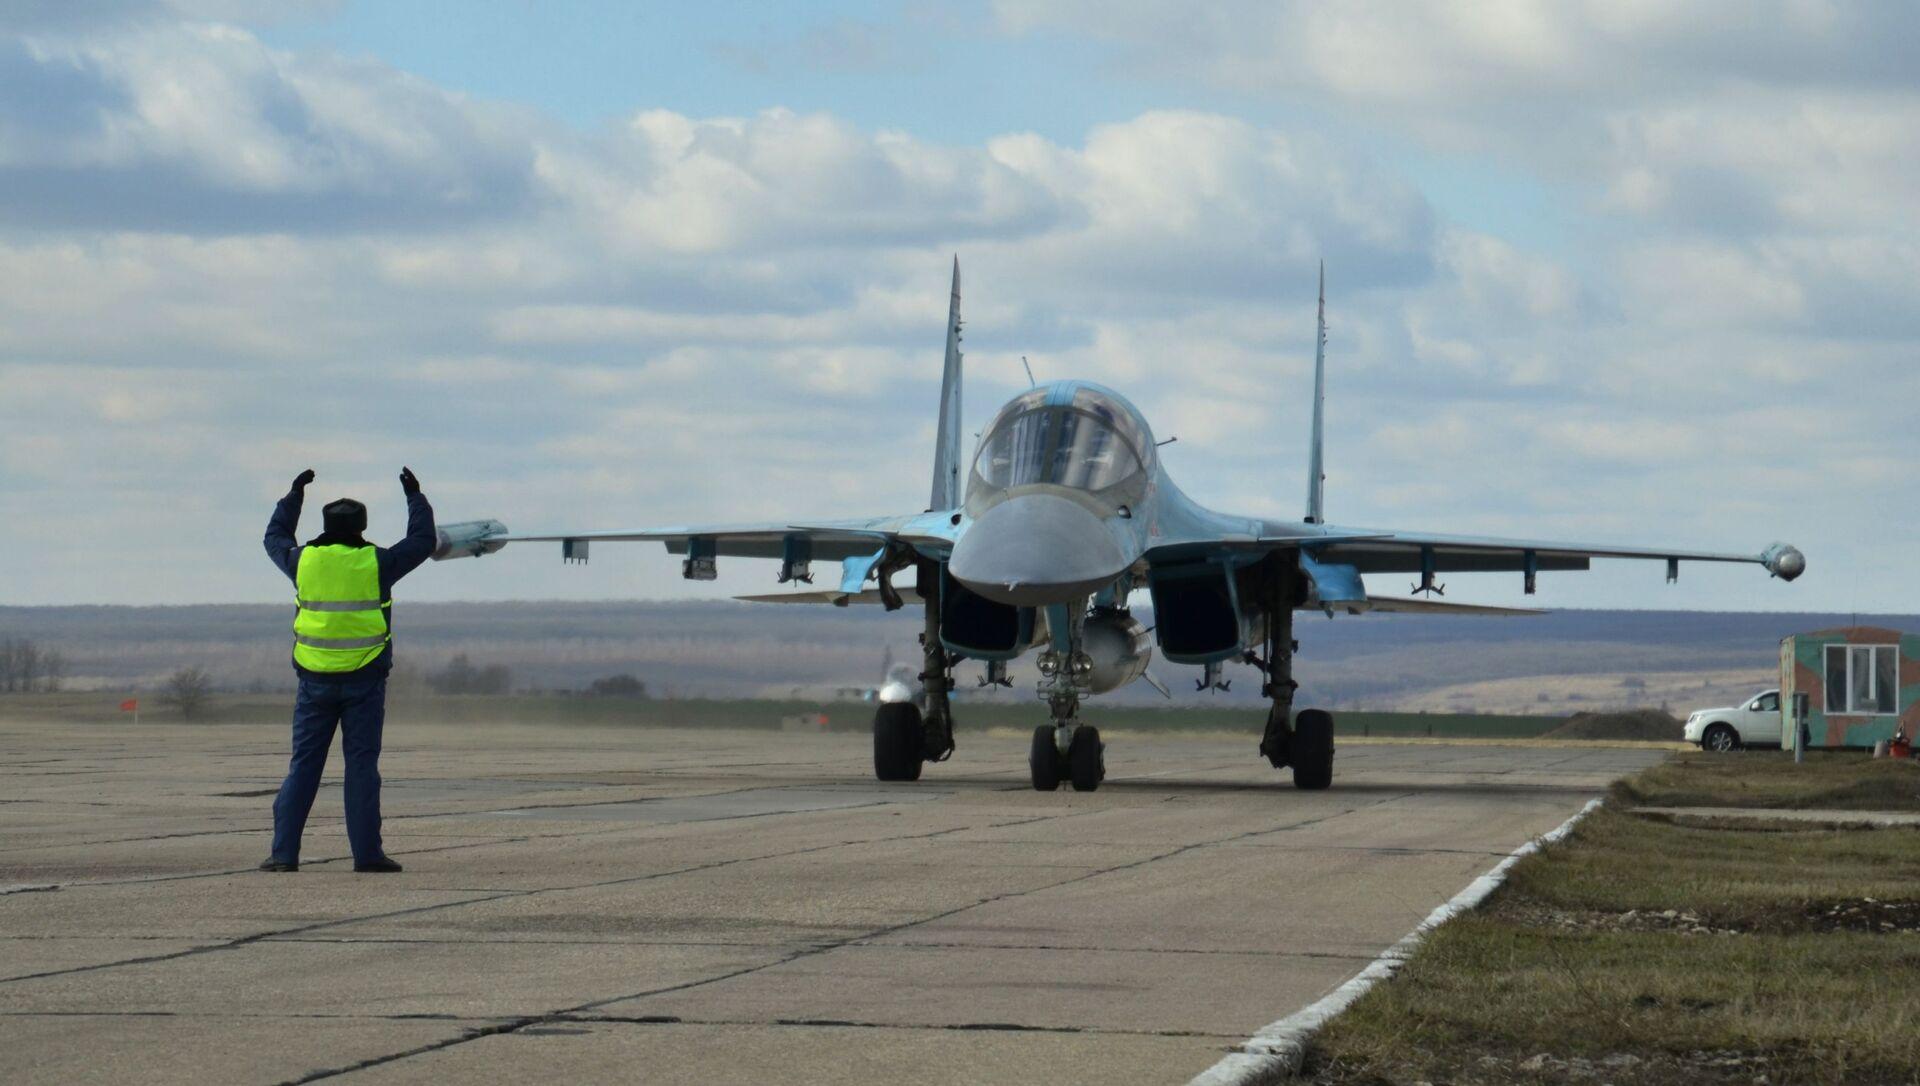 Nhóm máy bay ném bom Su-34 đầu tiên từ Syria hạ cánh xuống gần Voronezh. - Sputnik Việt Nam, 1920, 06.06.2021